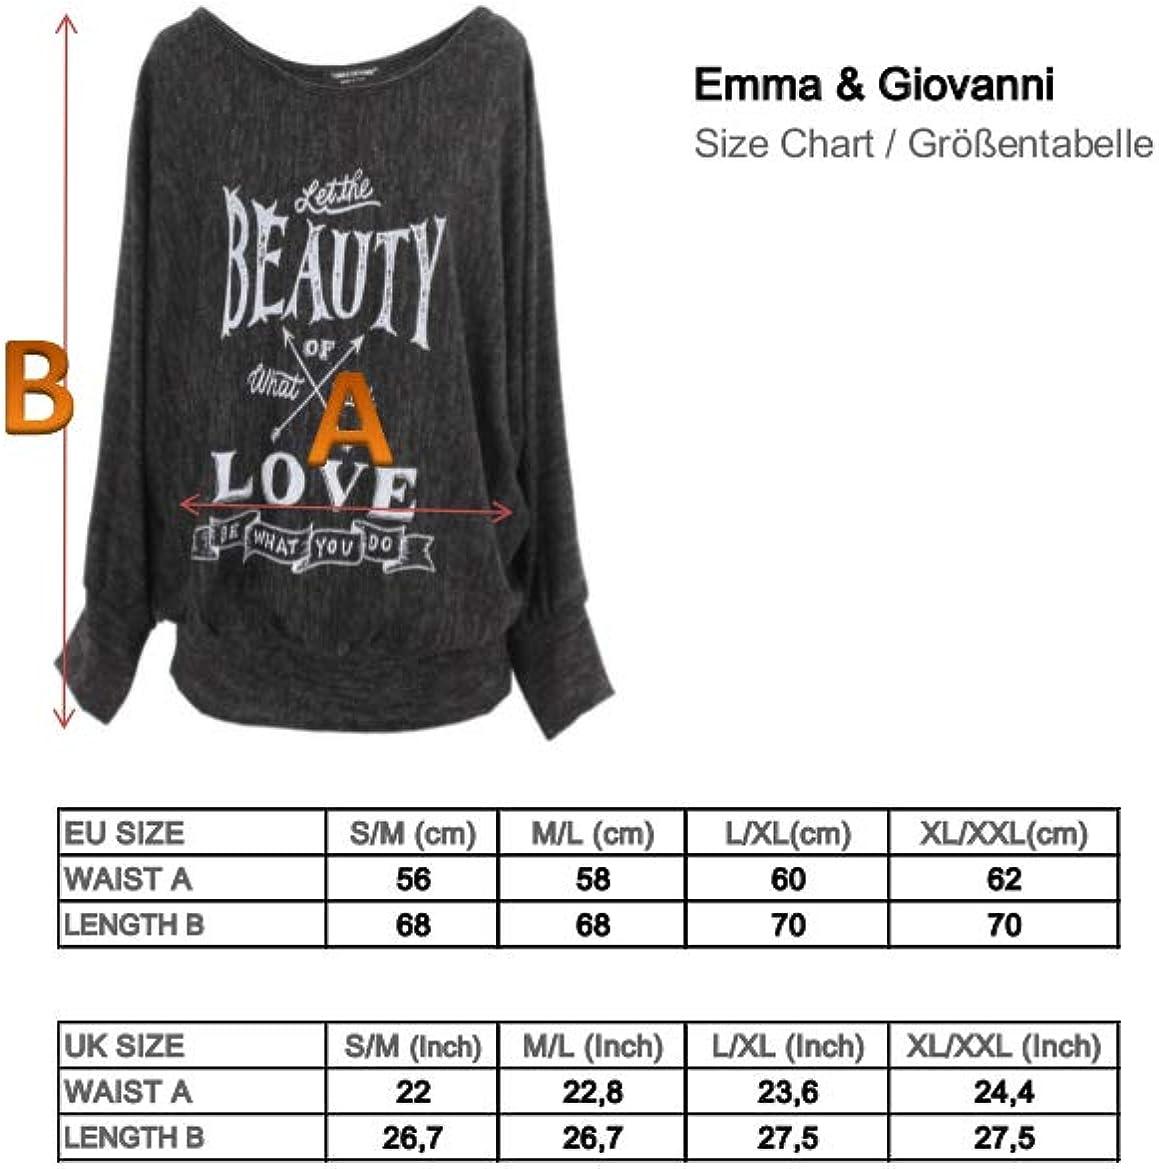 Top Style Manche Chauve Souris Oversize//Imprim/é Femme Emma /& Giovanni